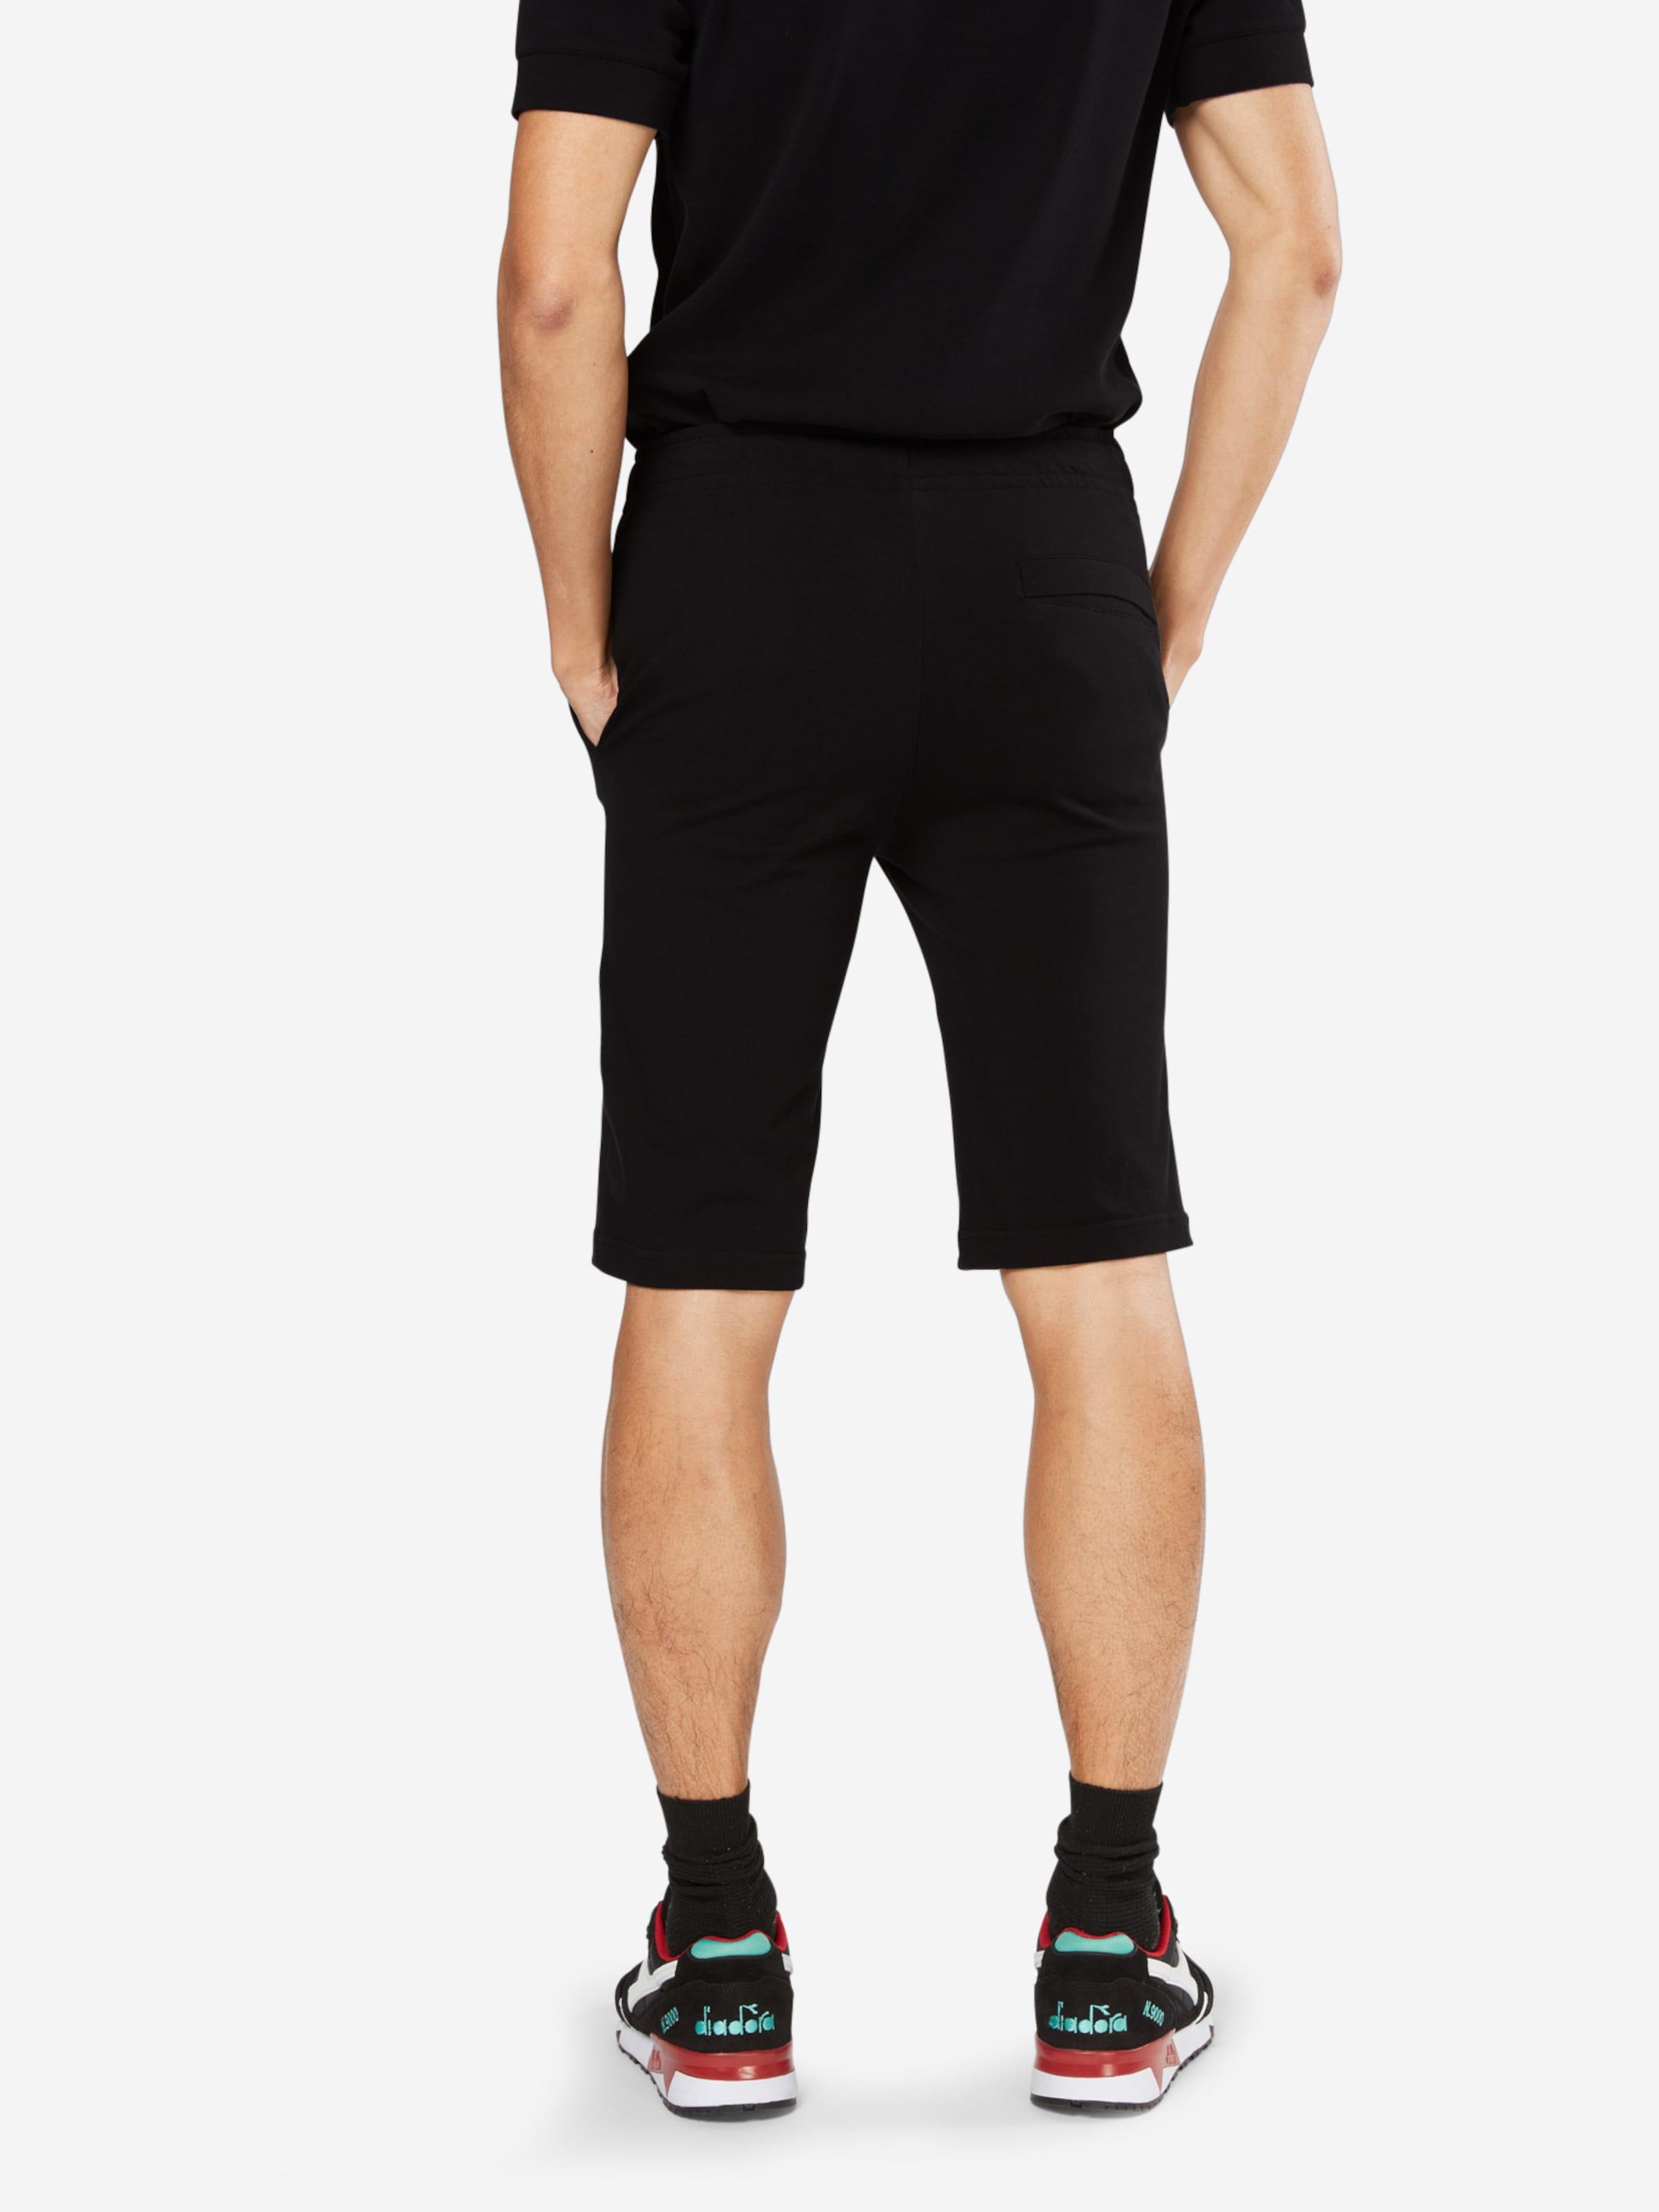 Nike En Sportswear Sportswear Pantalon En Noir Sportswear Pantalon Nike Noir Pantalon Nike xsChrdtQ